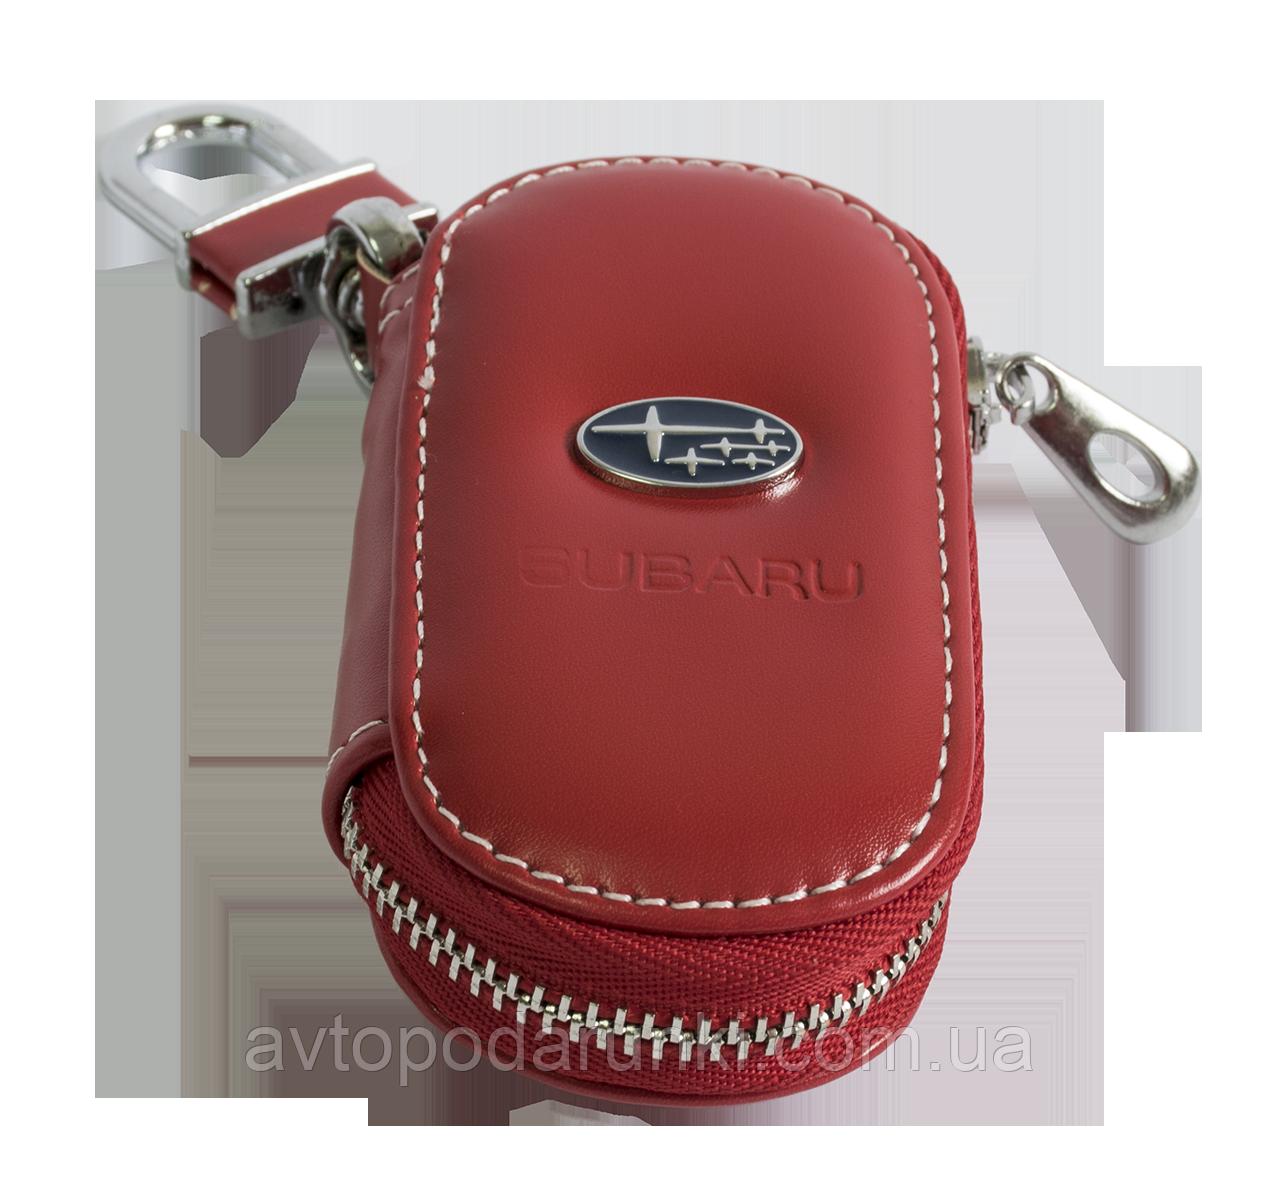 Ключница SUBARU, кожаная автоключница с логотипом  СУБАРУ (красная 21015)